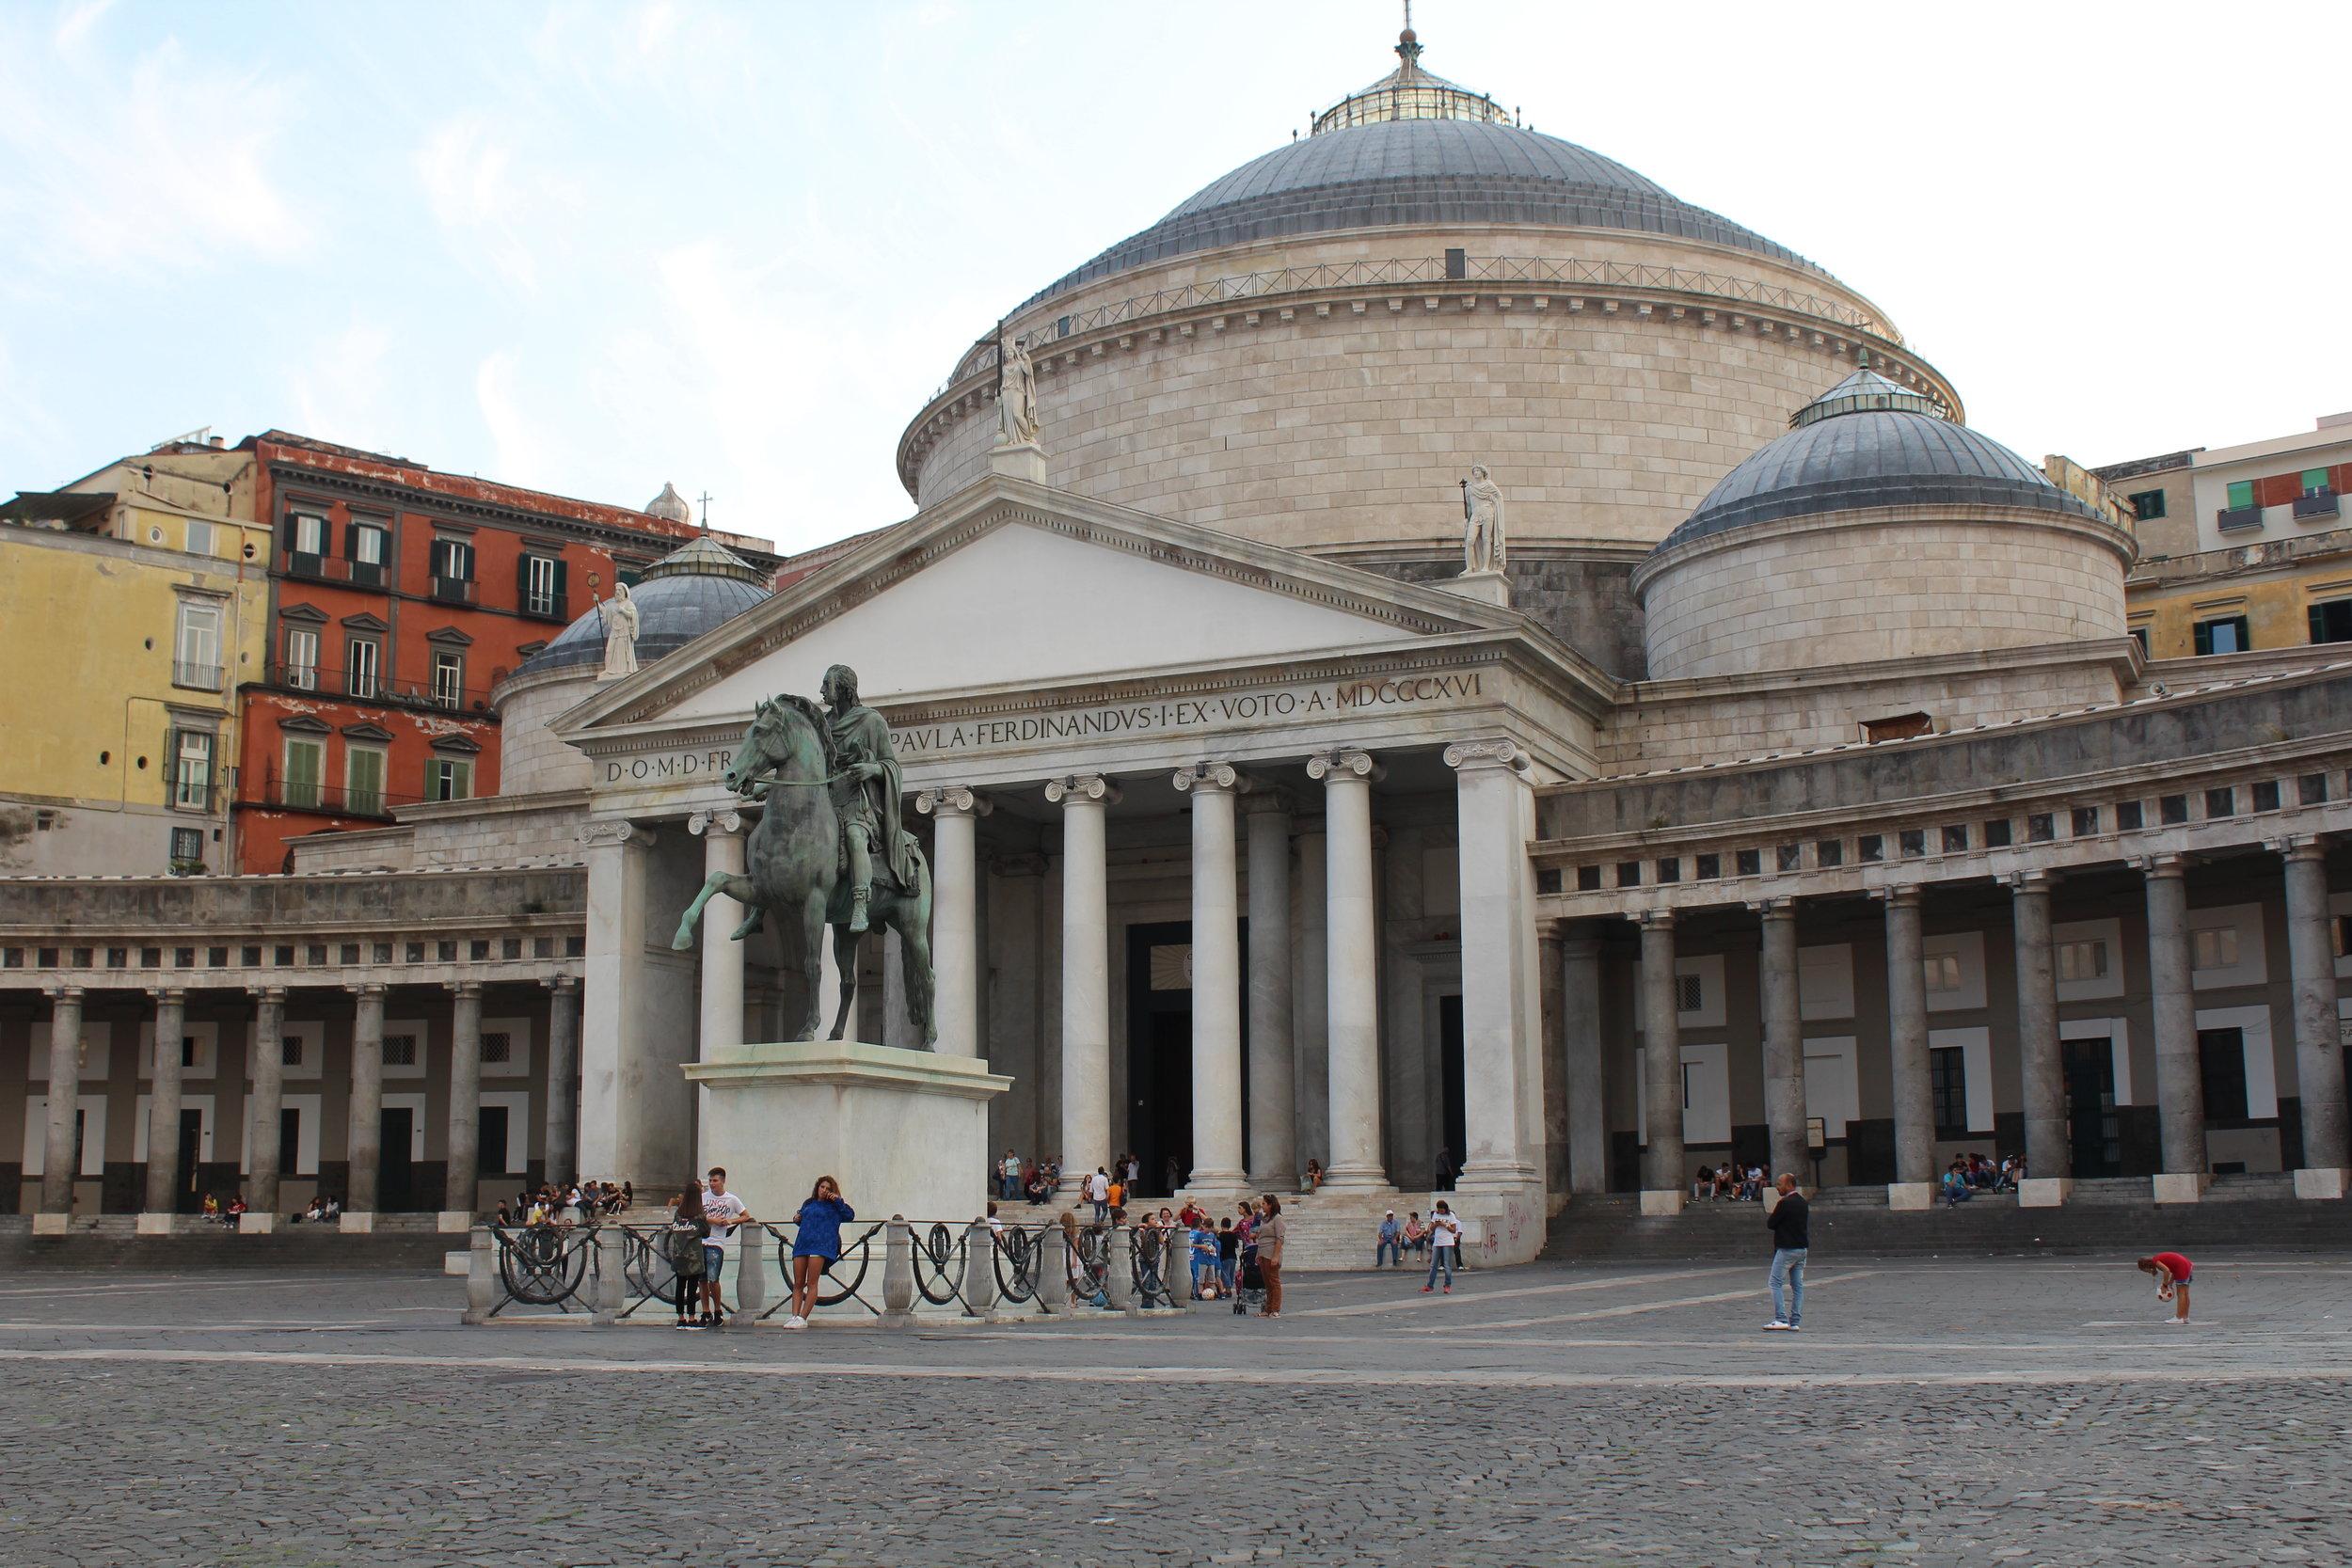 Piazza dei Plebiscito